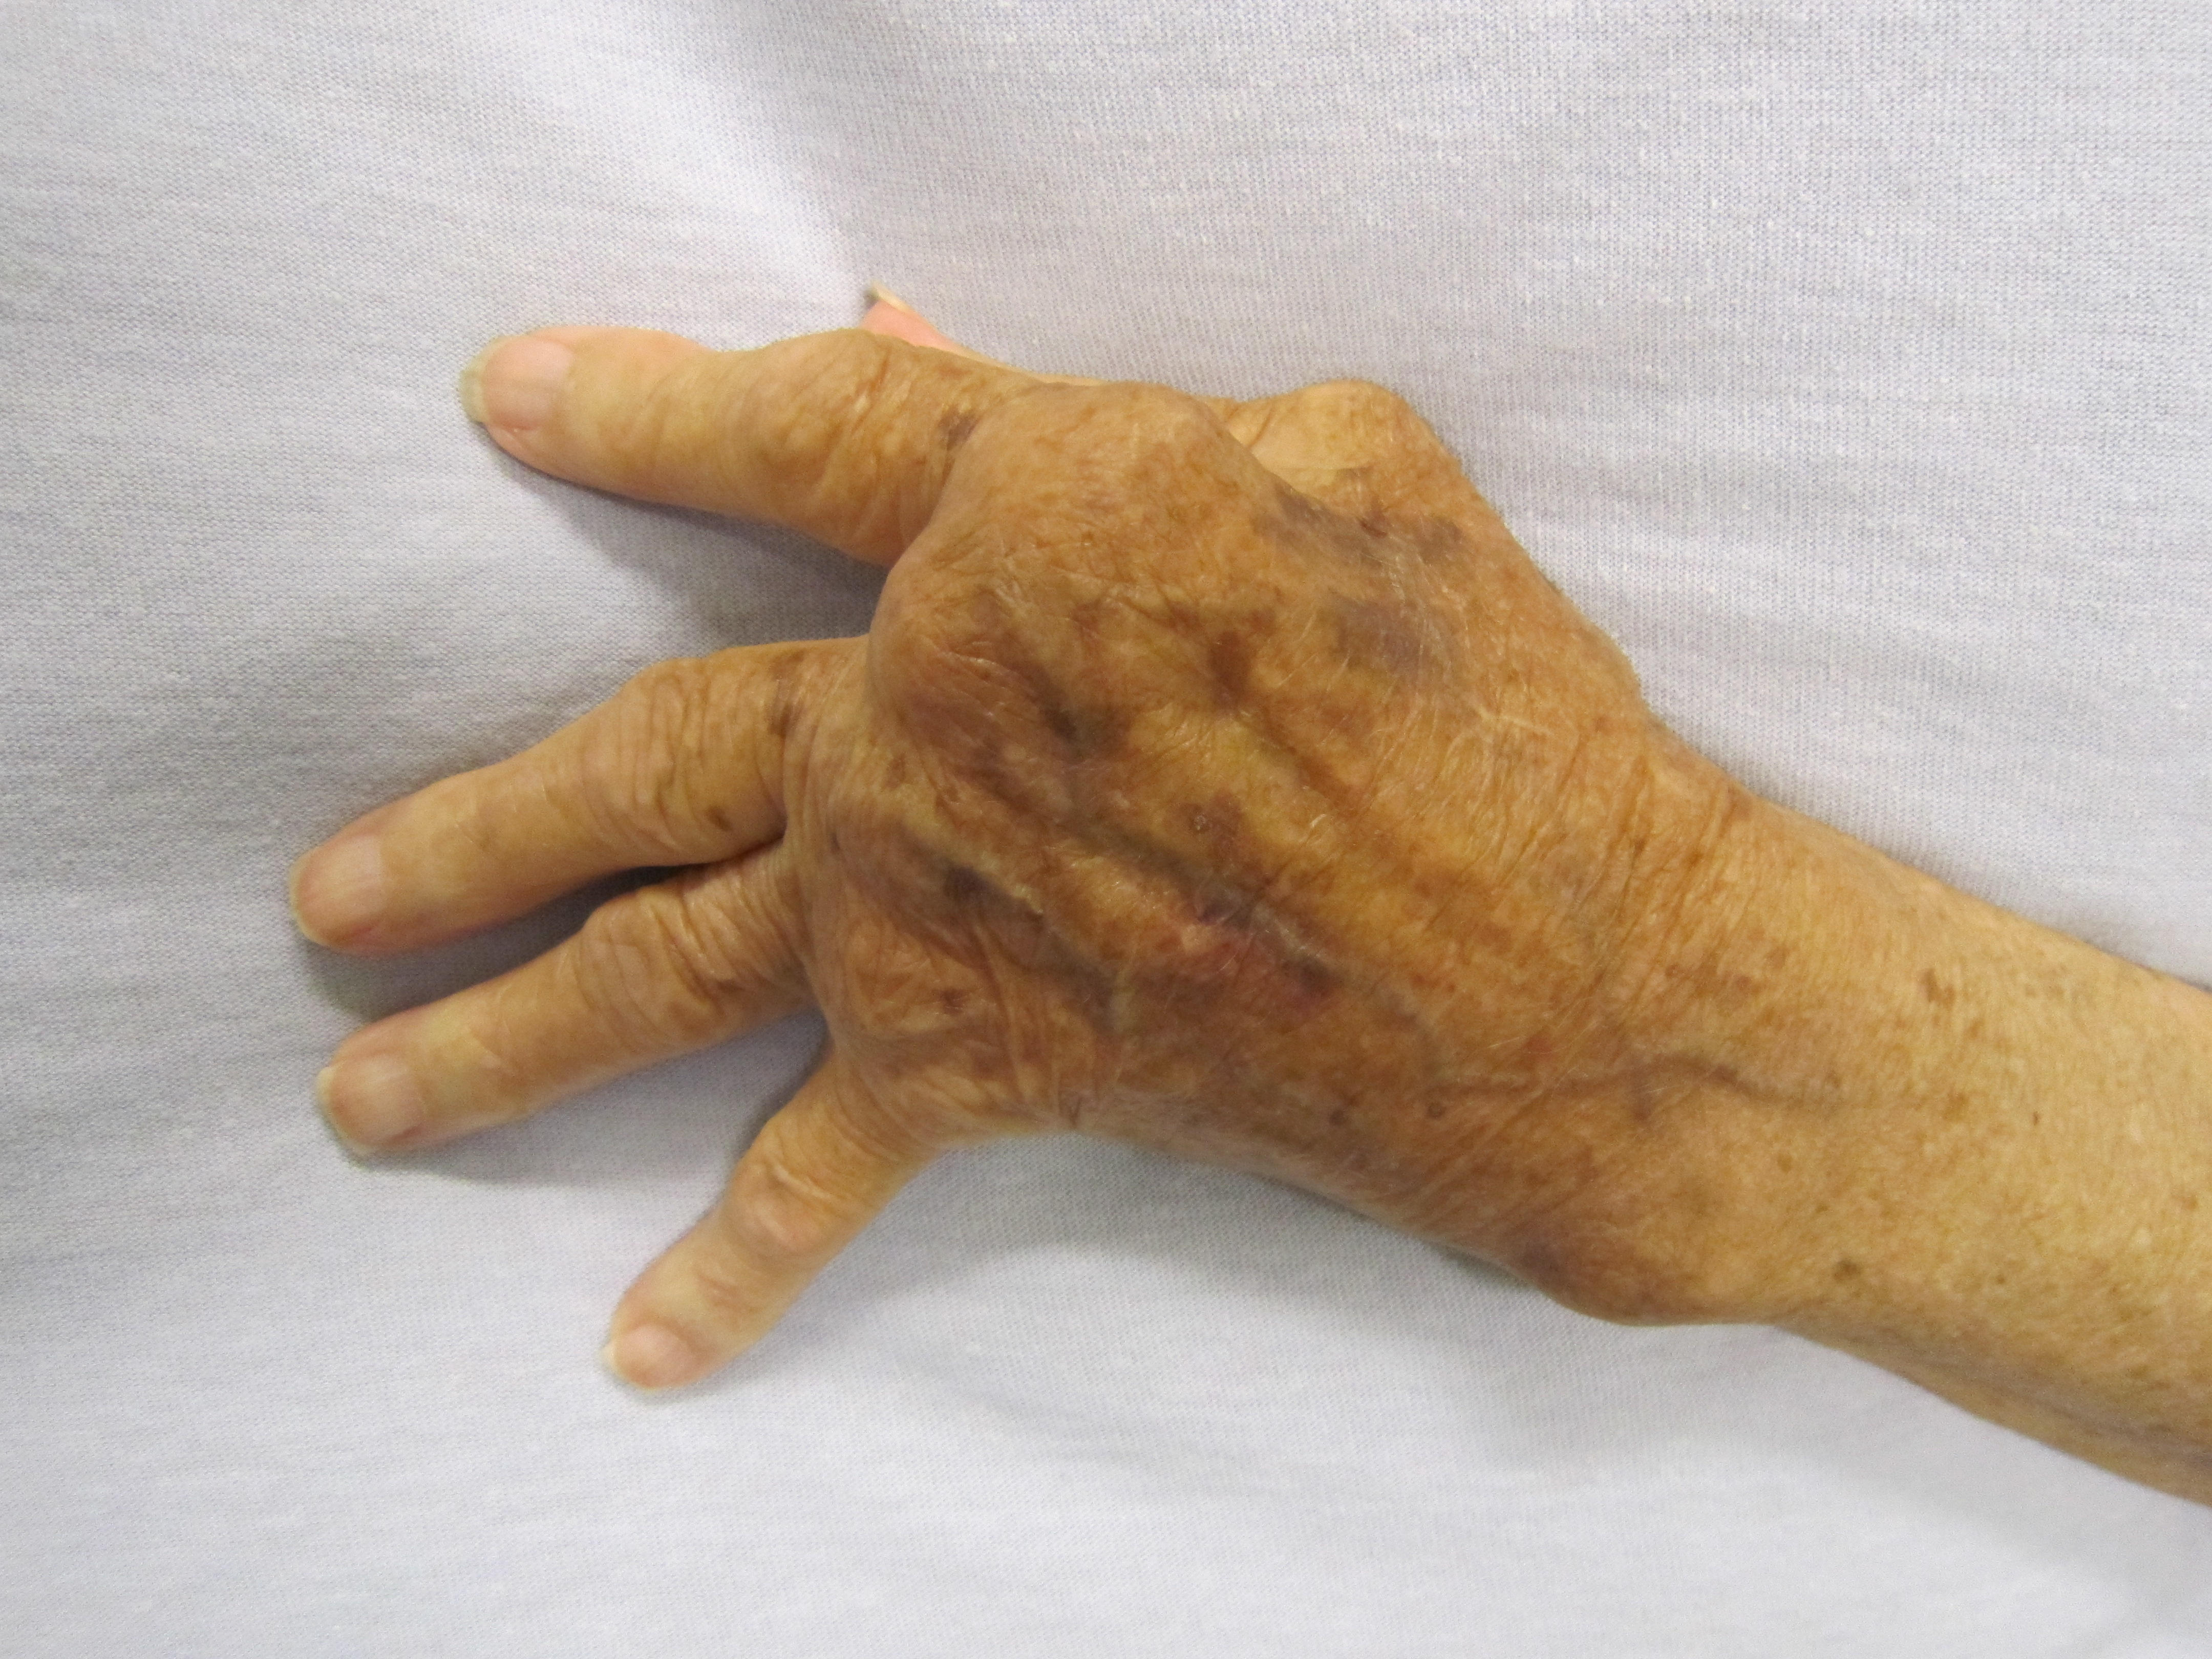 norbekov artrózis kezelése csípőízületi fájdalom edzés után